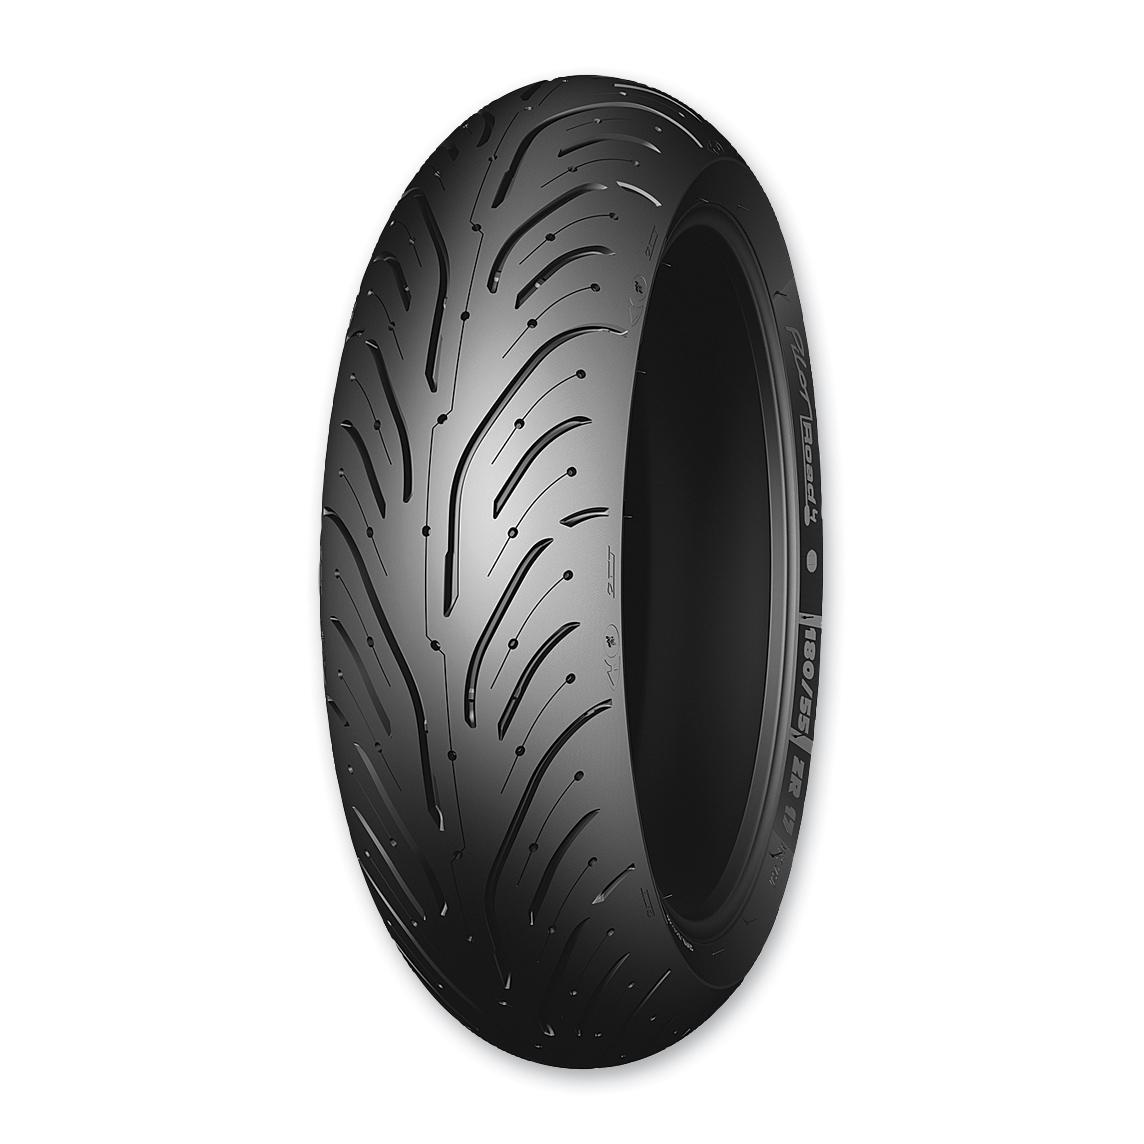 Michelin Pilot Road 4 GT 180/55ZR17 Rear Tire